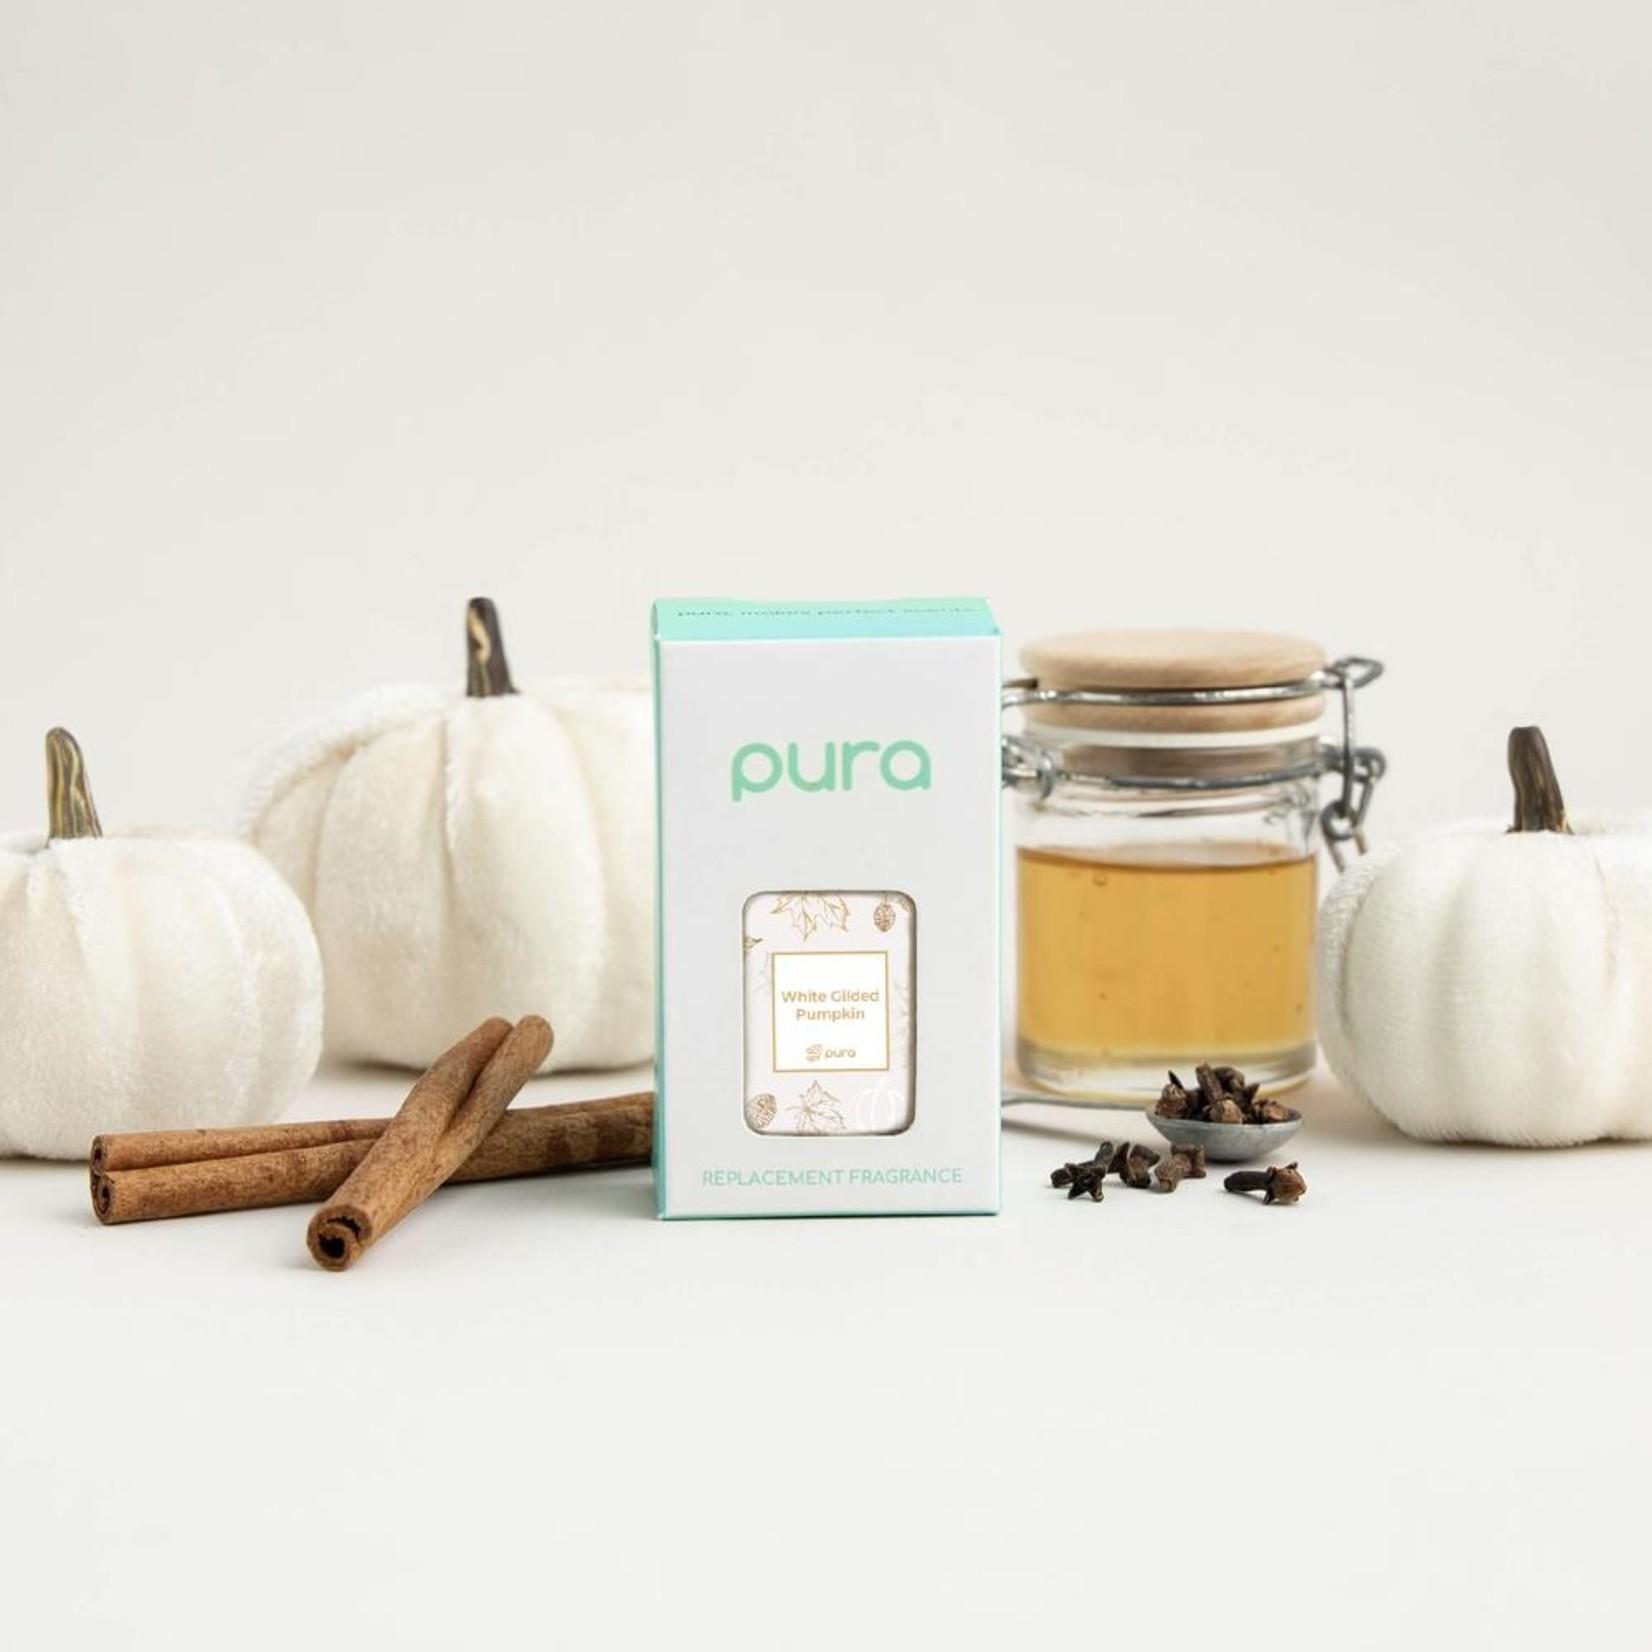 Pura White Gilded Pumpkin Pura Scent